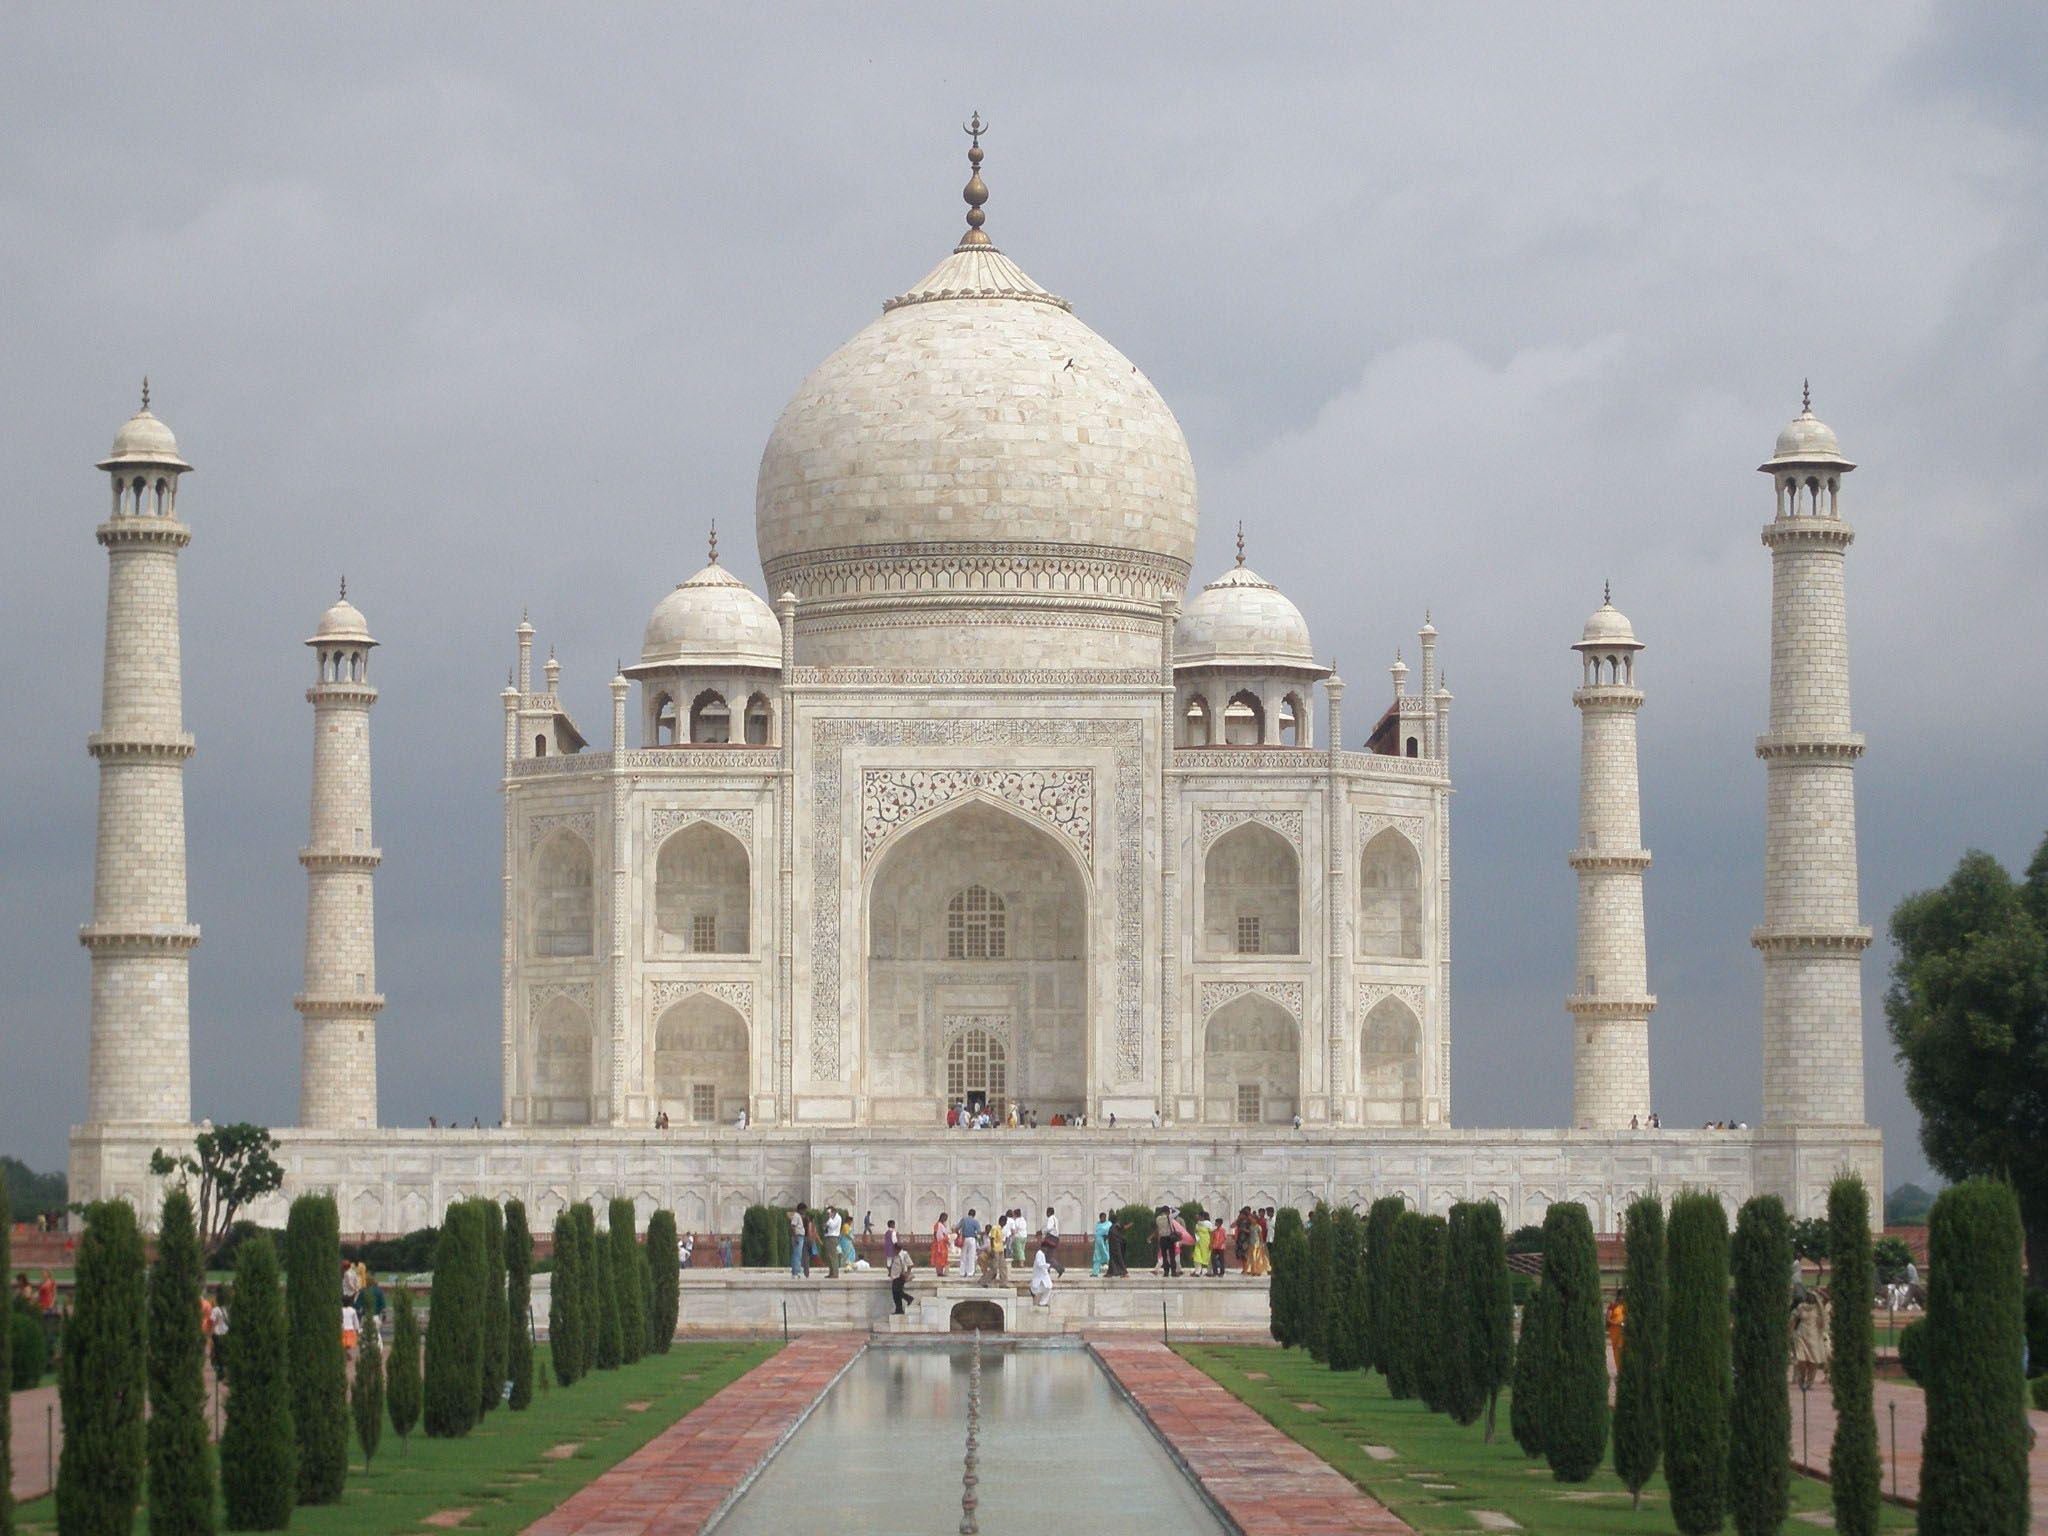 Download taj mahal wallpaper full size hd gallery - Taj mahal background hd ...